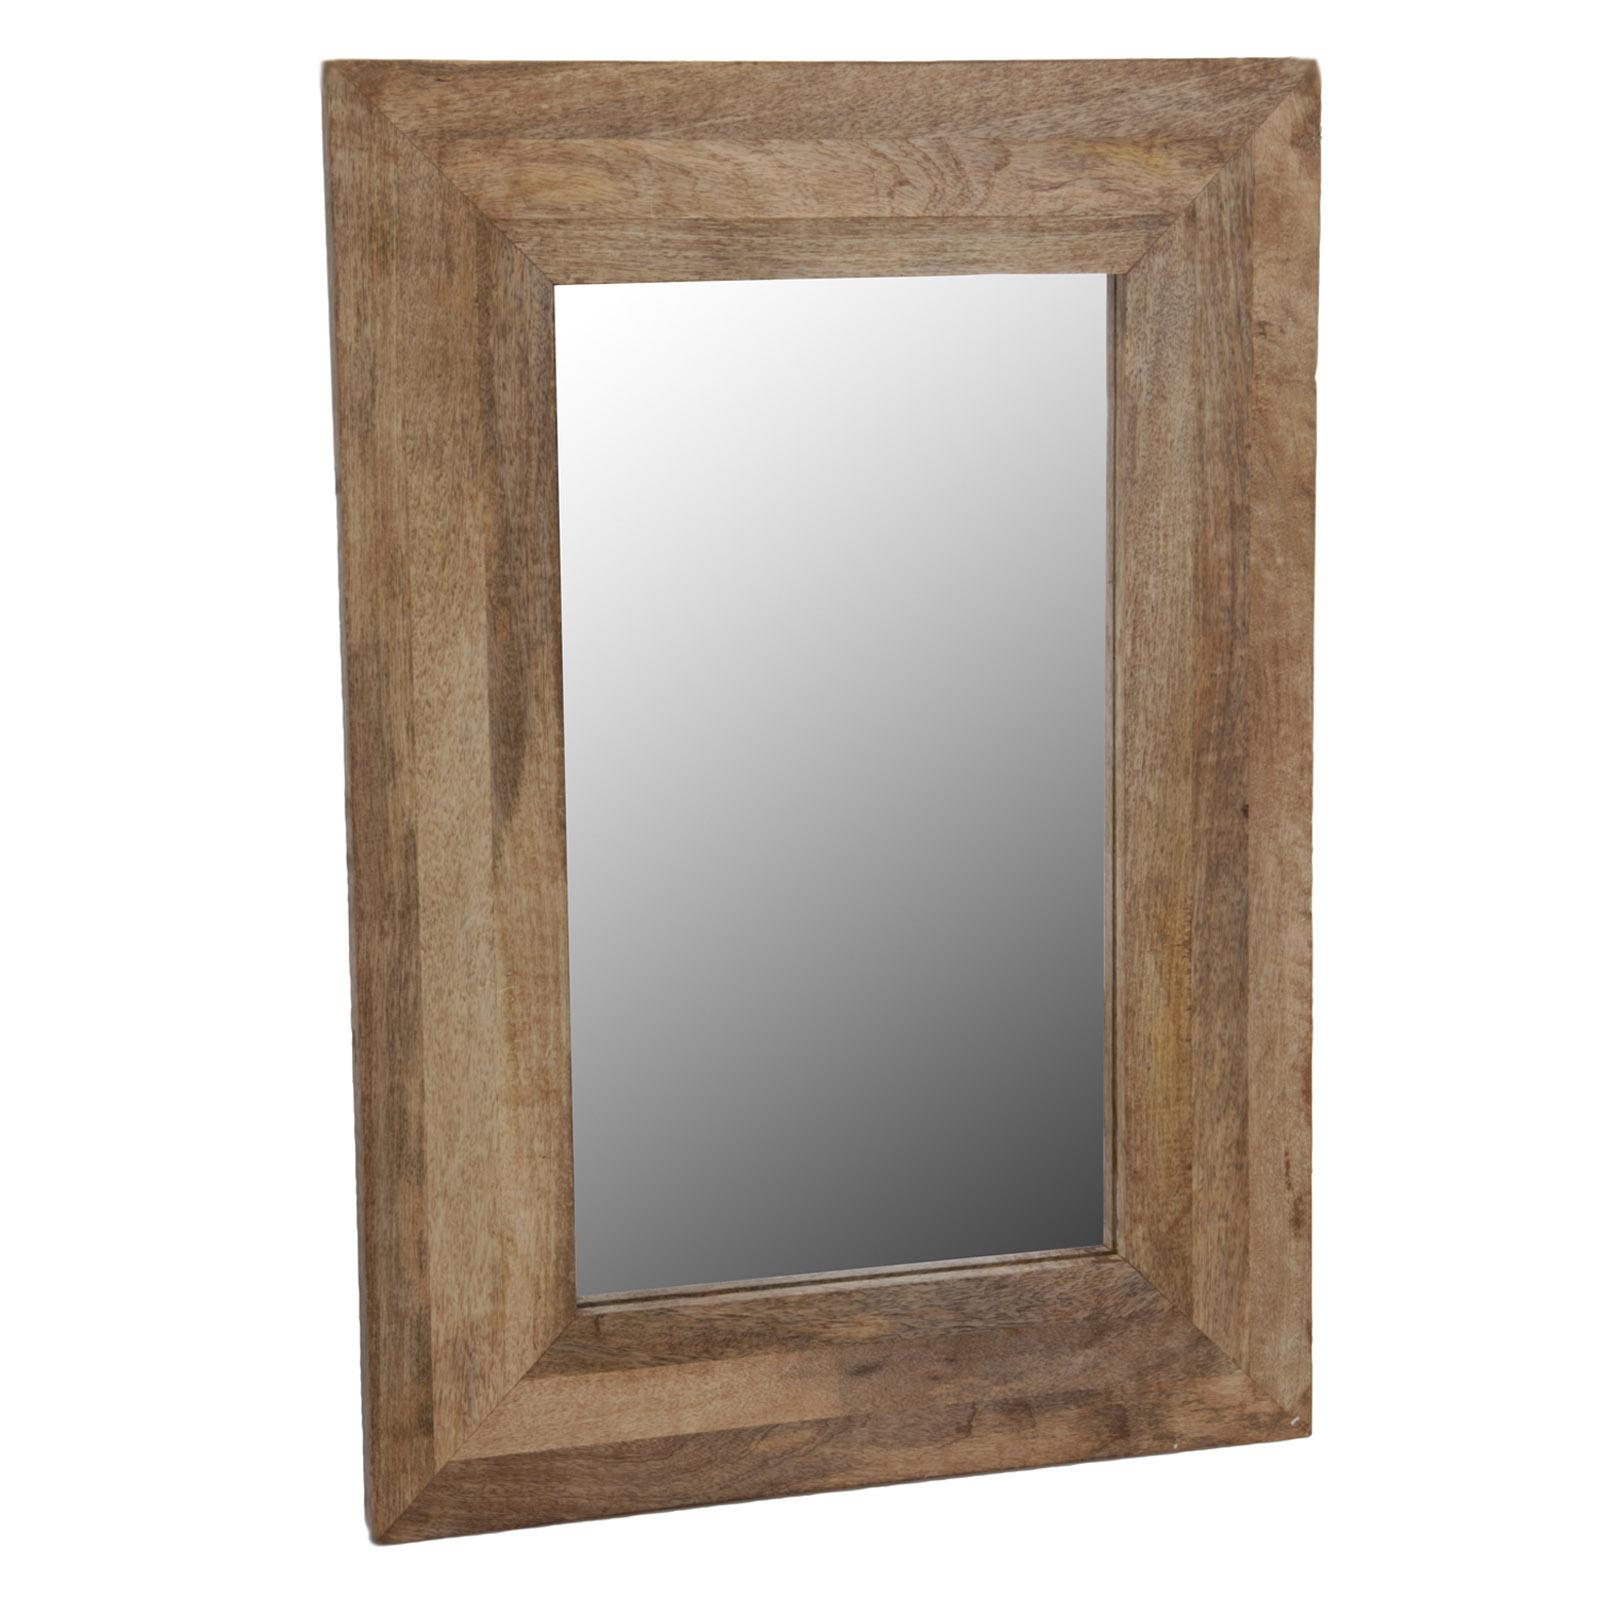 Wandspiegel im holzrahmen badezimmer spiegel natur mango rahmen massiv holz ebay - Arcade spiegel ...